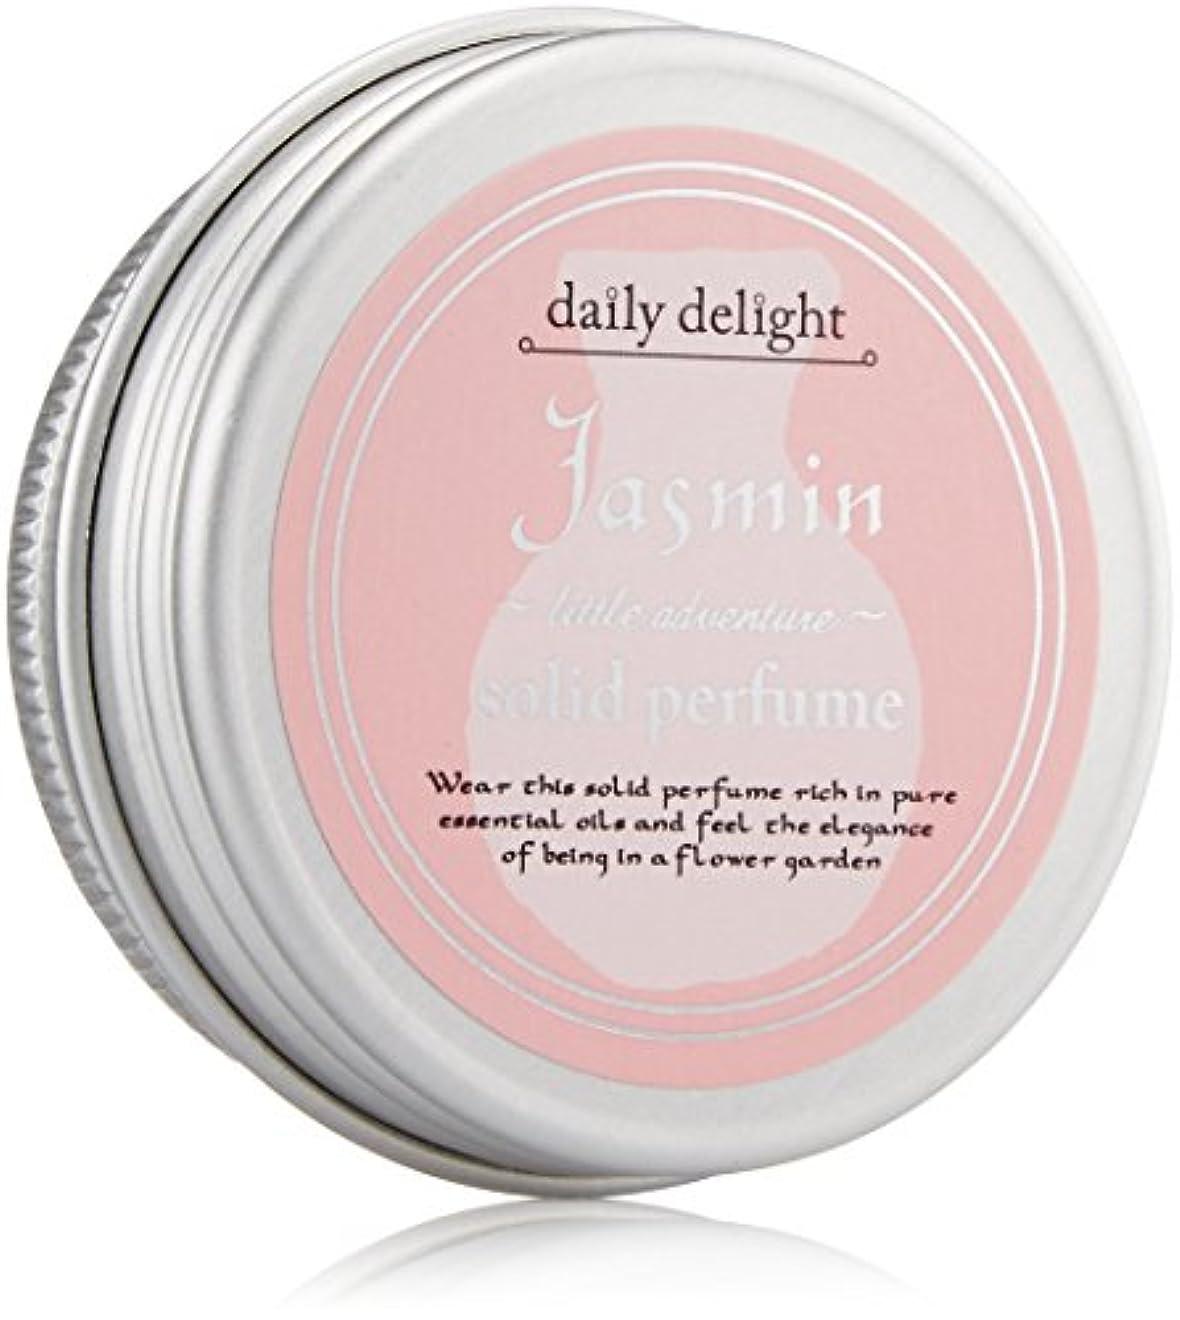 迷路繁殖民主主義デイリーディライト 練り香水 ジャスミン  10g(香水 携帯用 ソリッドパフューム アルコールフリー 奥深く魅了されるジャスミンの香り)